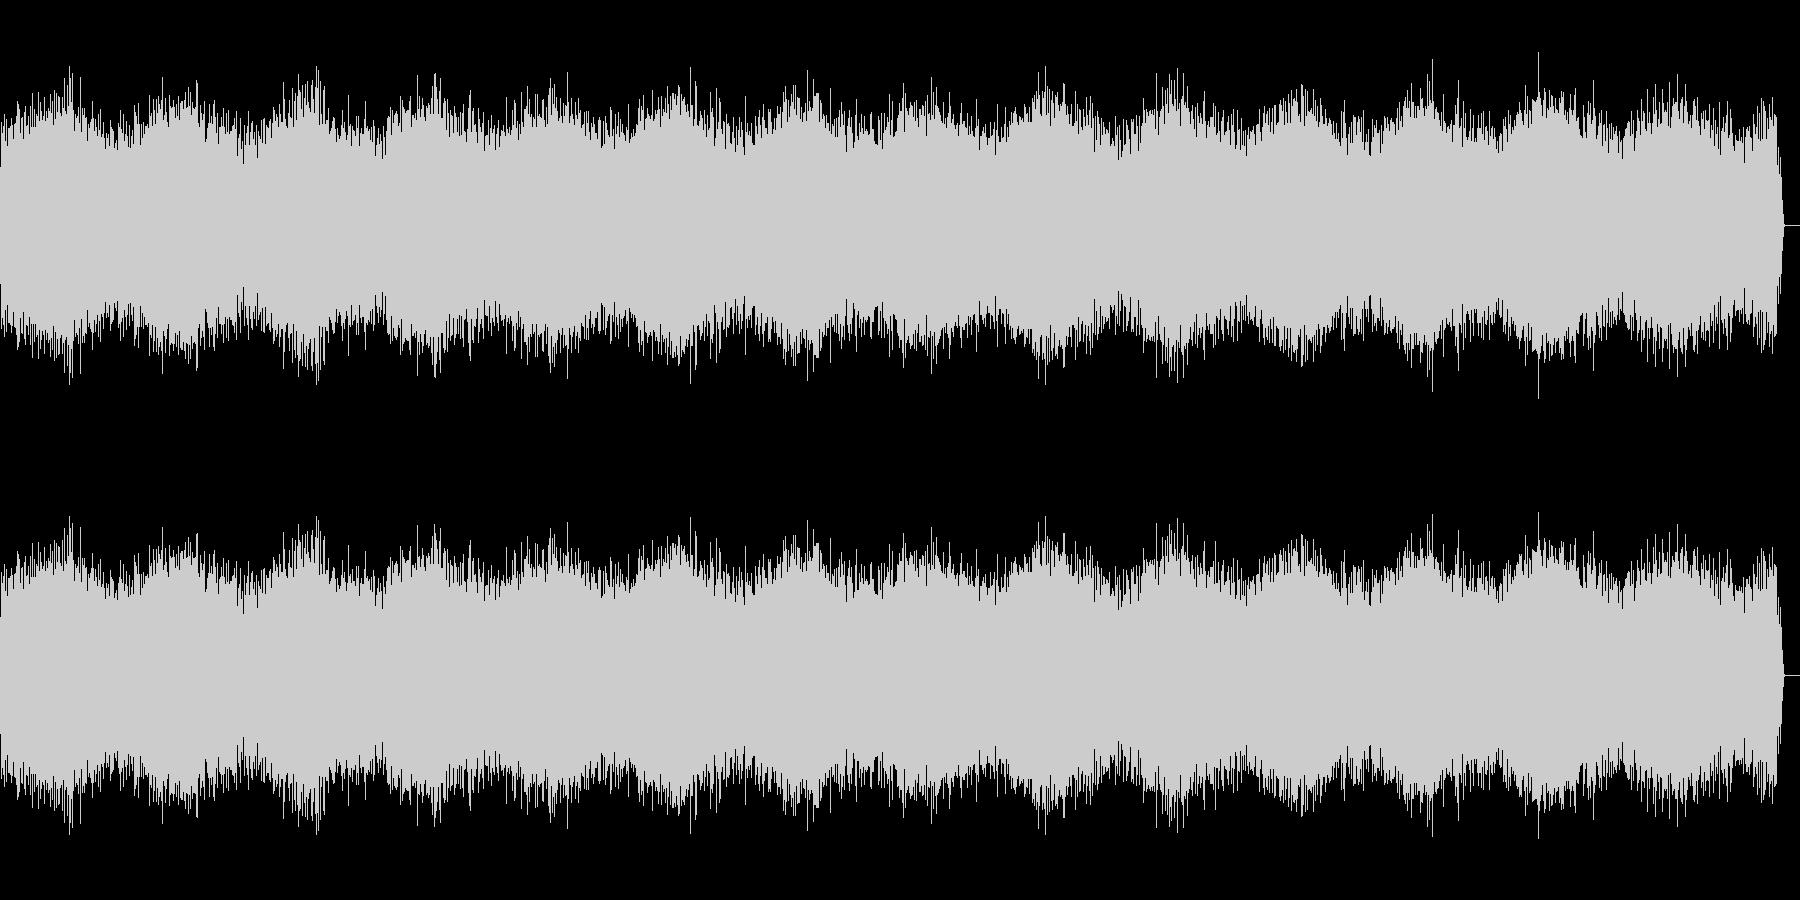 効果音、 電流① の未再生の波形